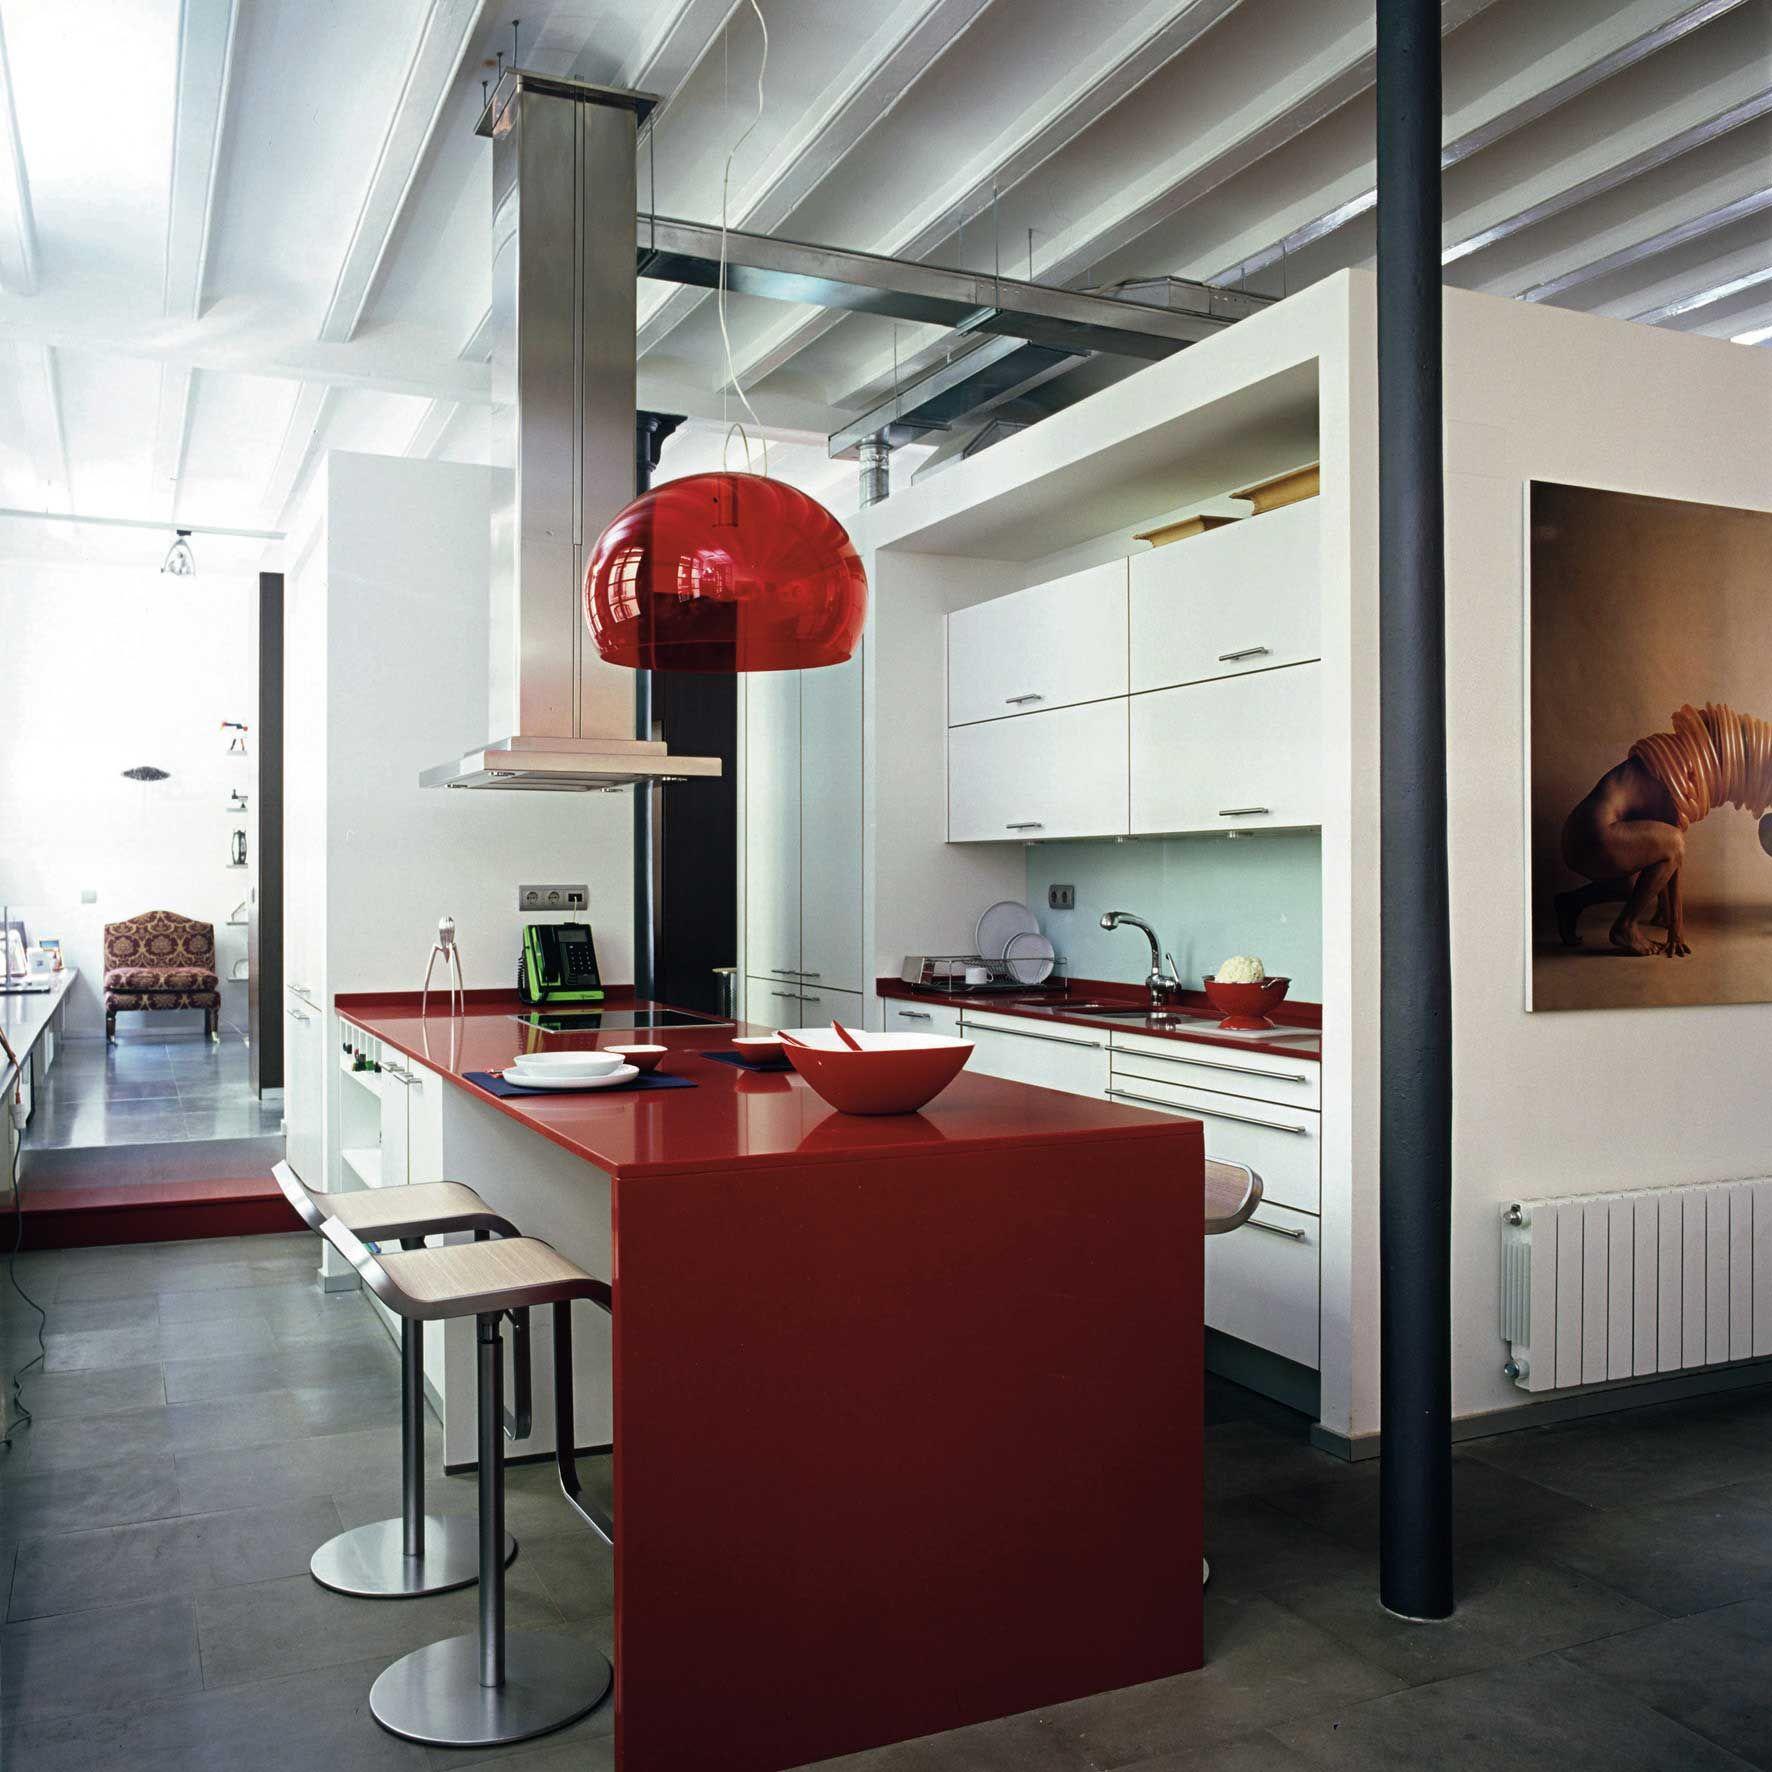 Cuisine Mur Rouge Recherche Google Deco Cuisine Grise Cuisine Gris Cuisine Mur Rouge